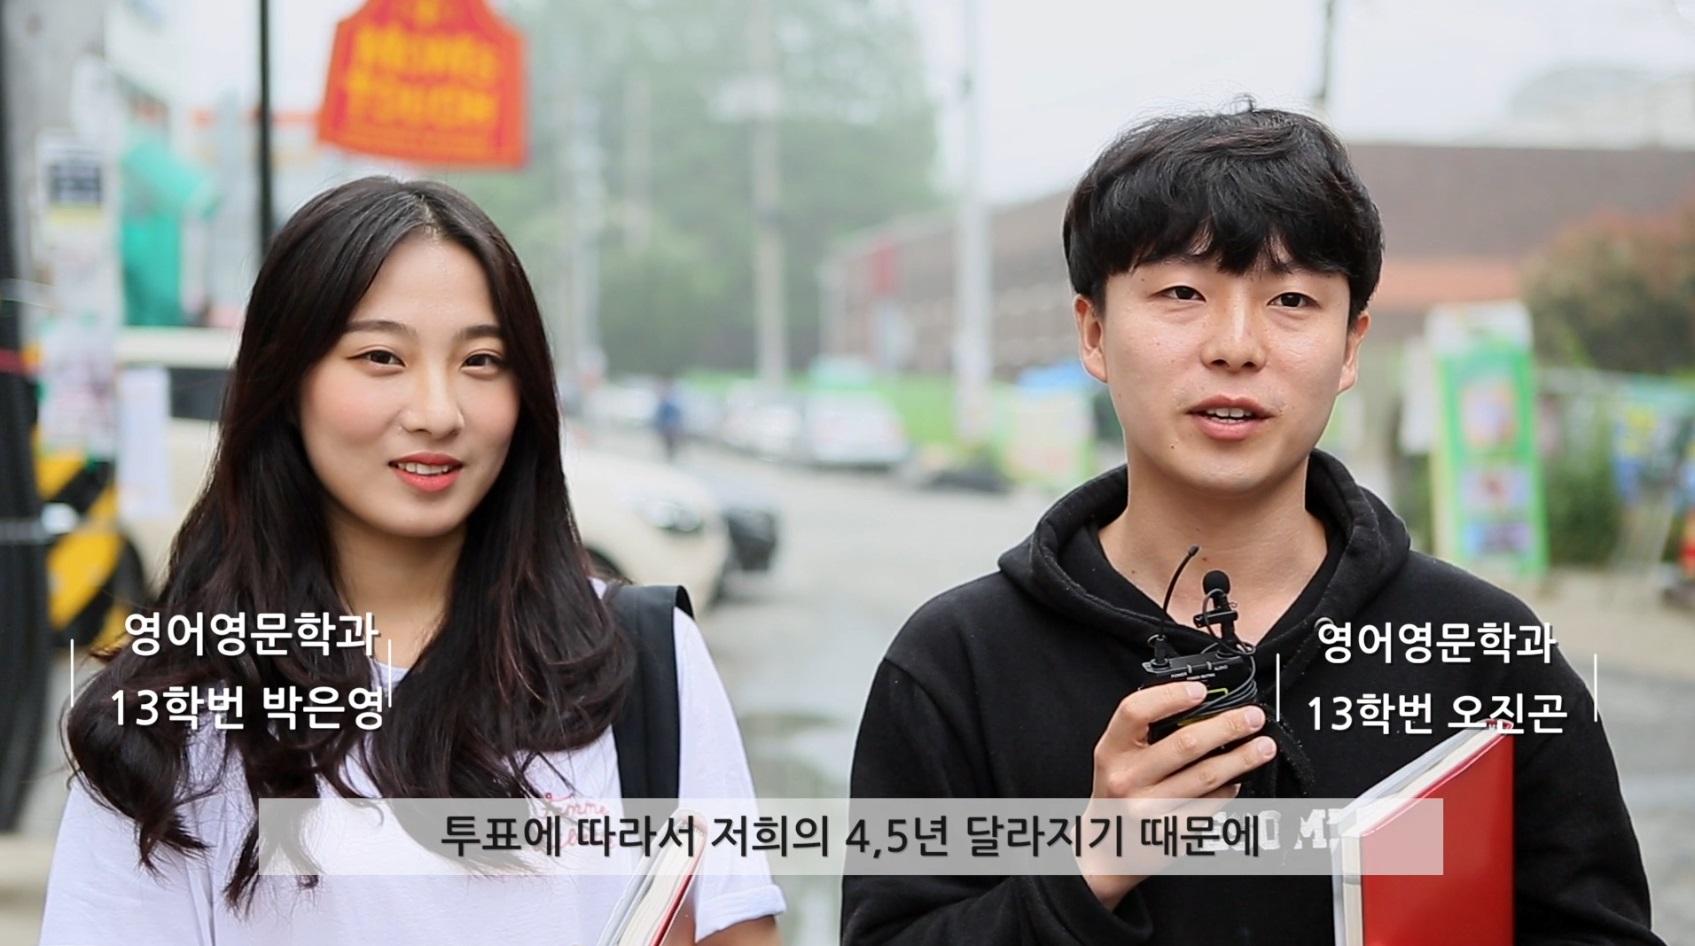 국립목포대학교 6.13 지방선거 투표 참...